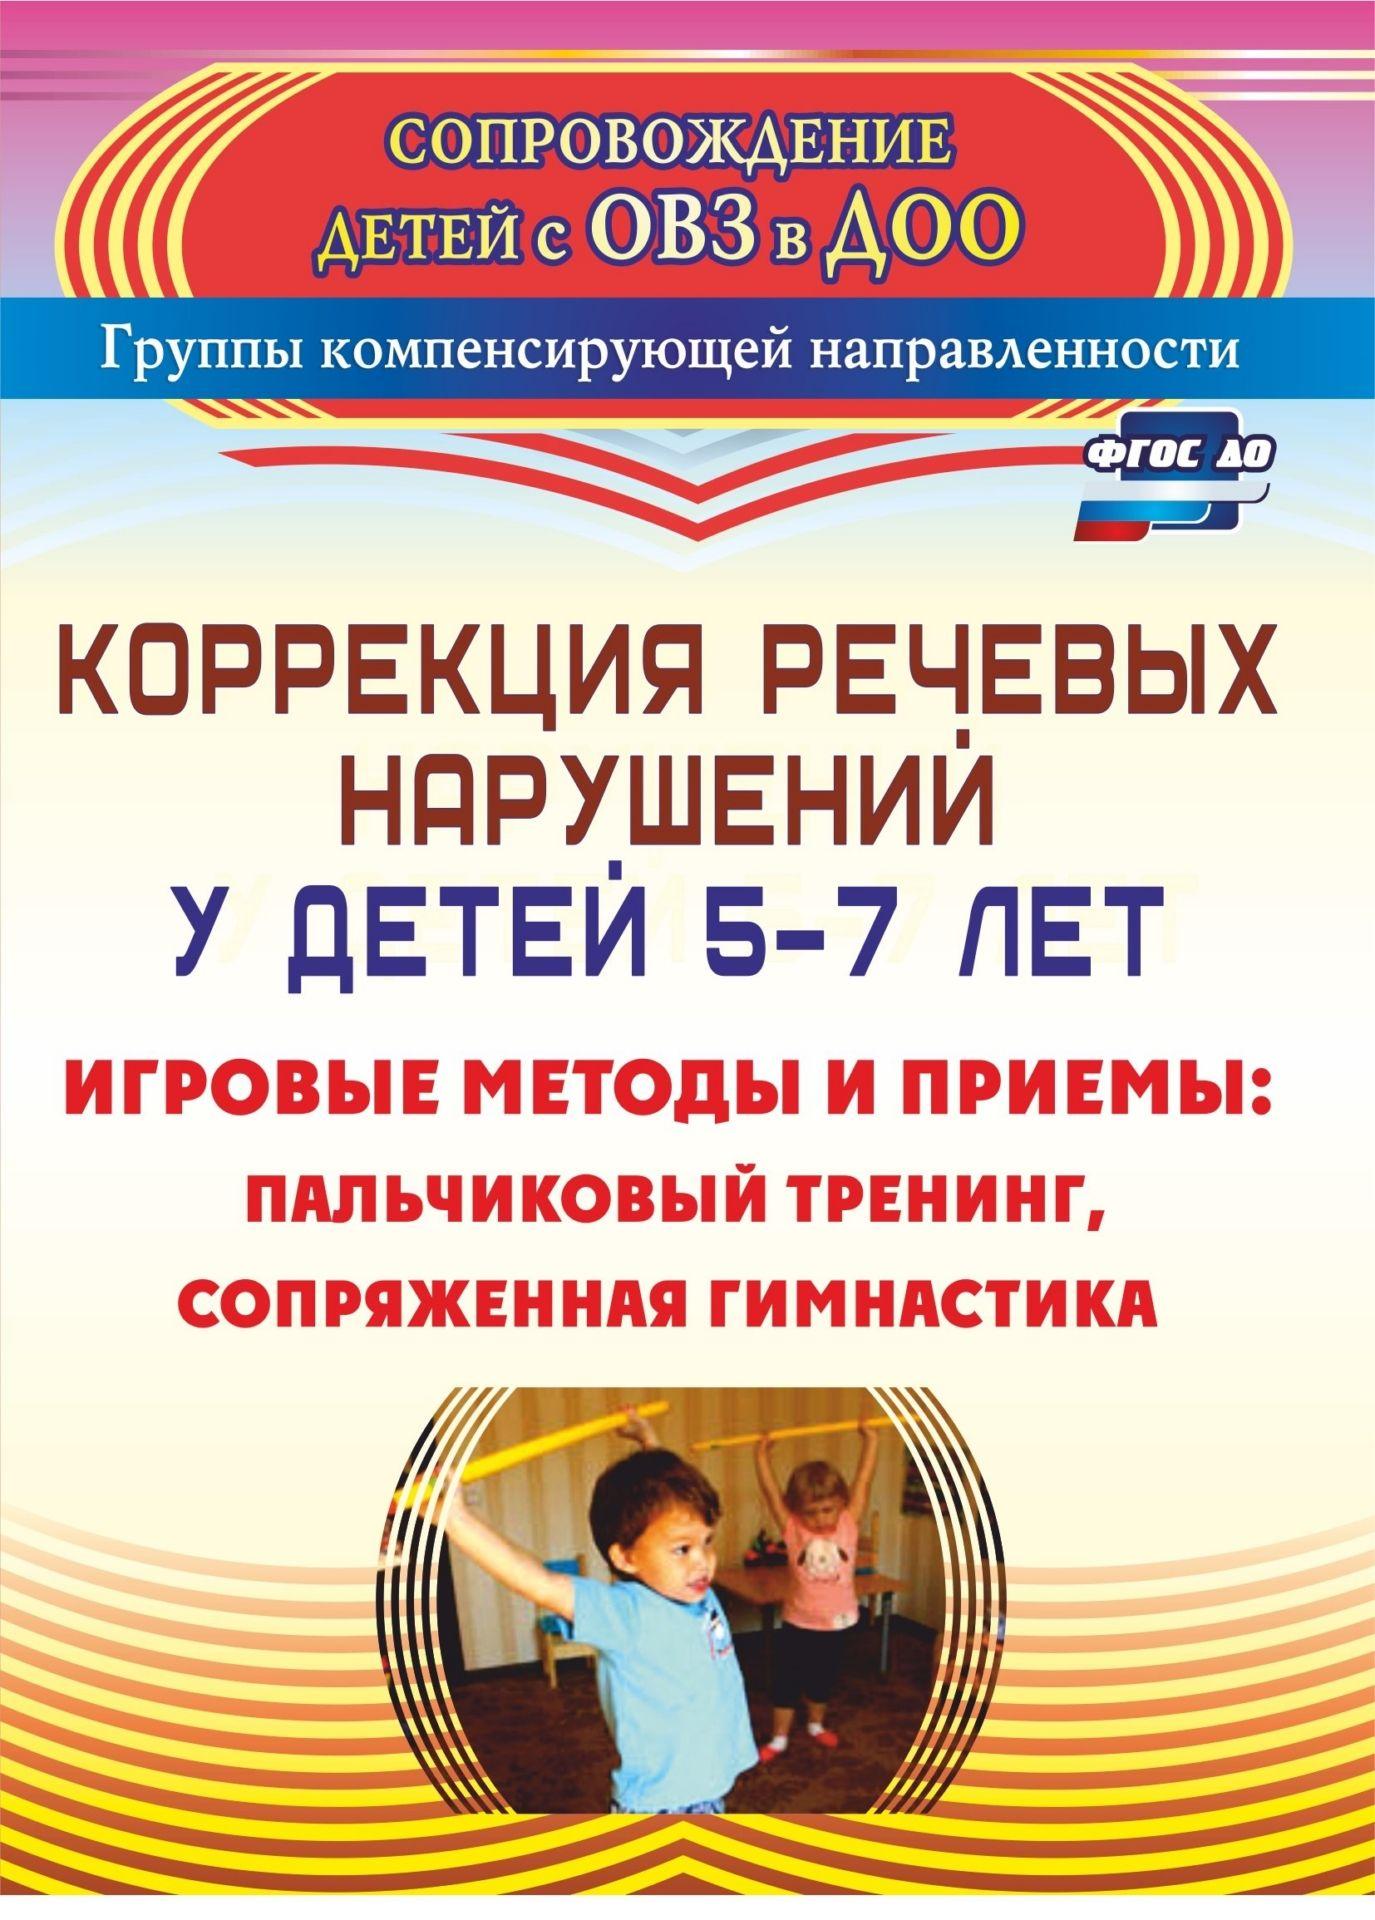 Купить со скидкой Коррекция речевых нарушений у детей 5-7 лет: игровые методы и приемы: пальчиковый тренинг, сопряженн